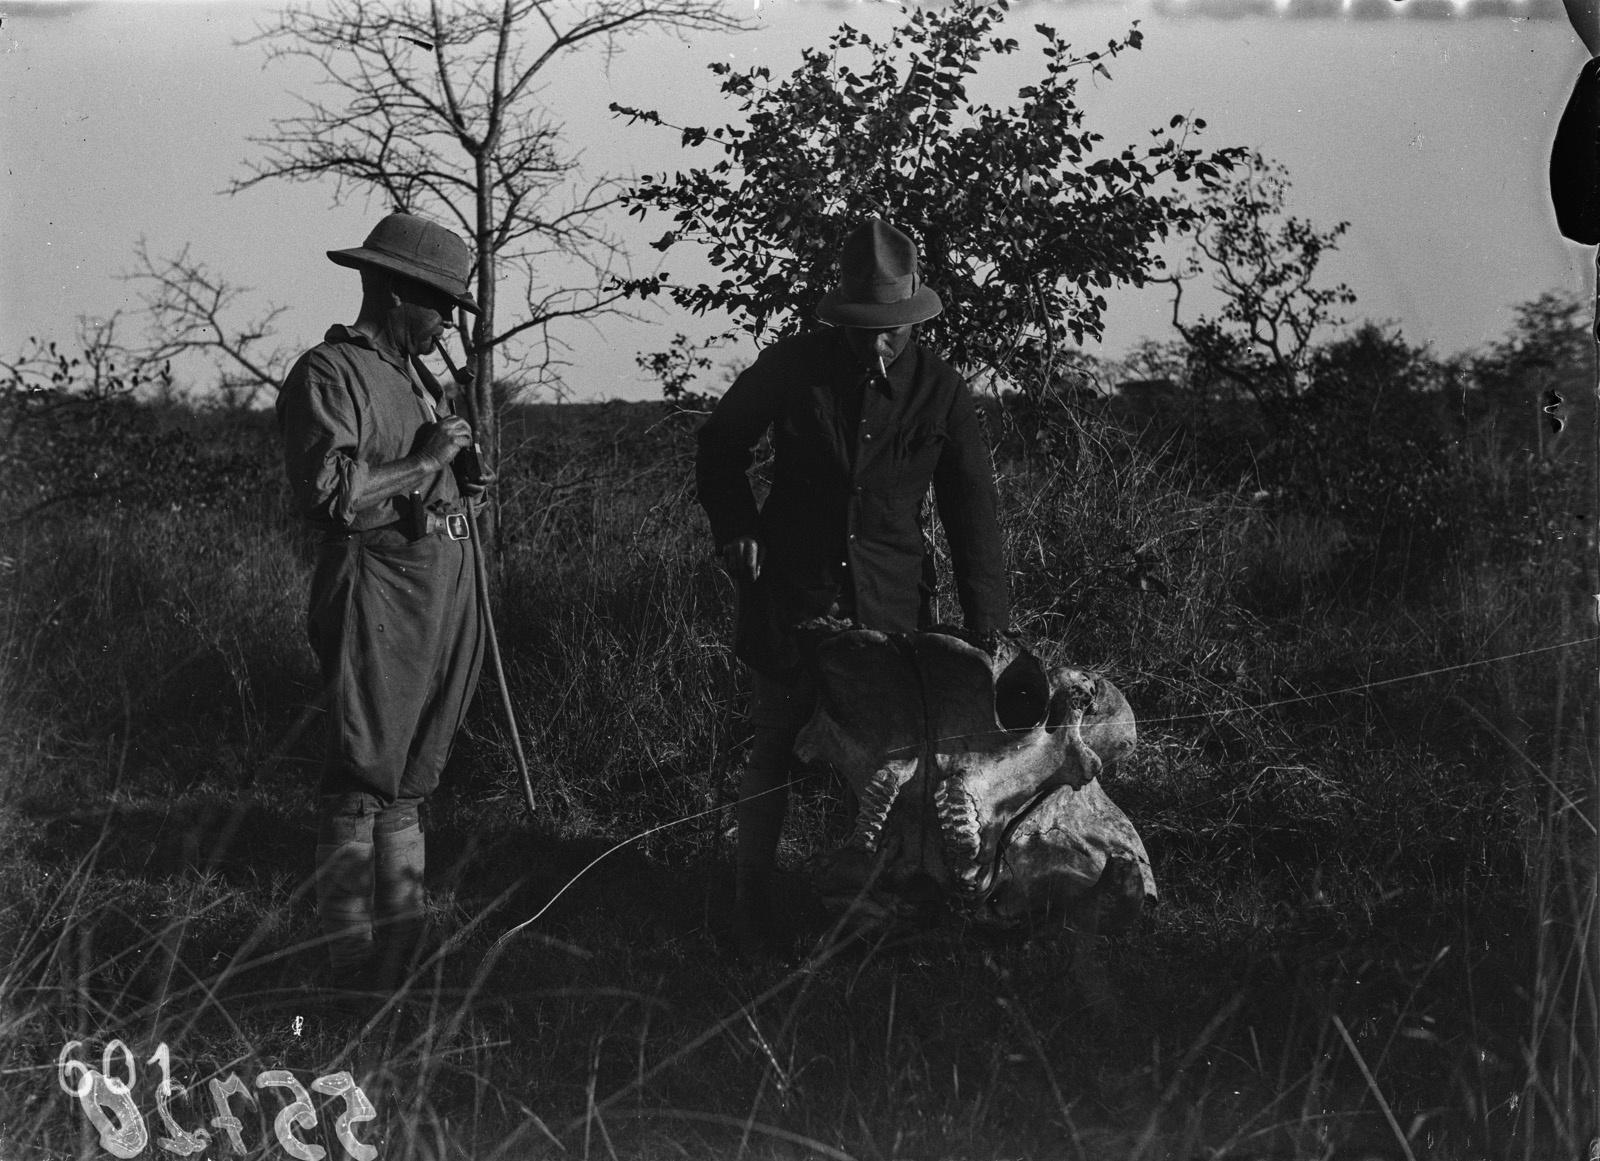 Национальный парк Крюгера. Участники экспедиции смотрят на череп слона. Бивни уже удалены